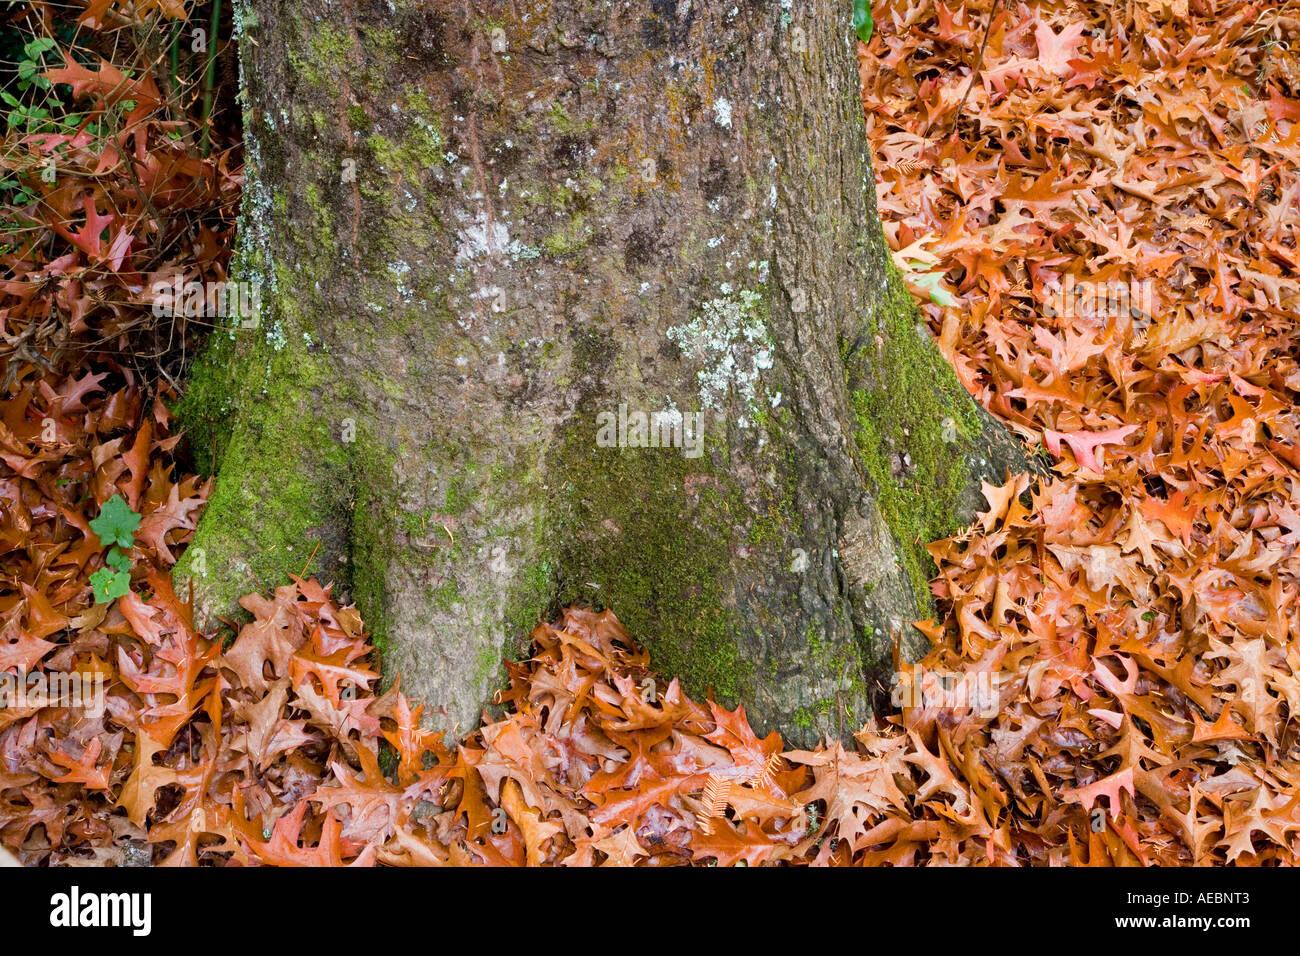 Fallen Oak Leaves Te Wera Arboretum Forgotten World Highway Taranaki North Island New Zealand - Stock Image